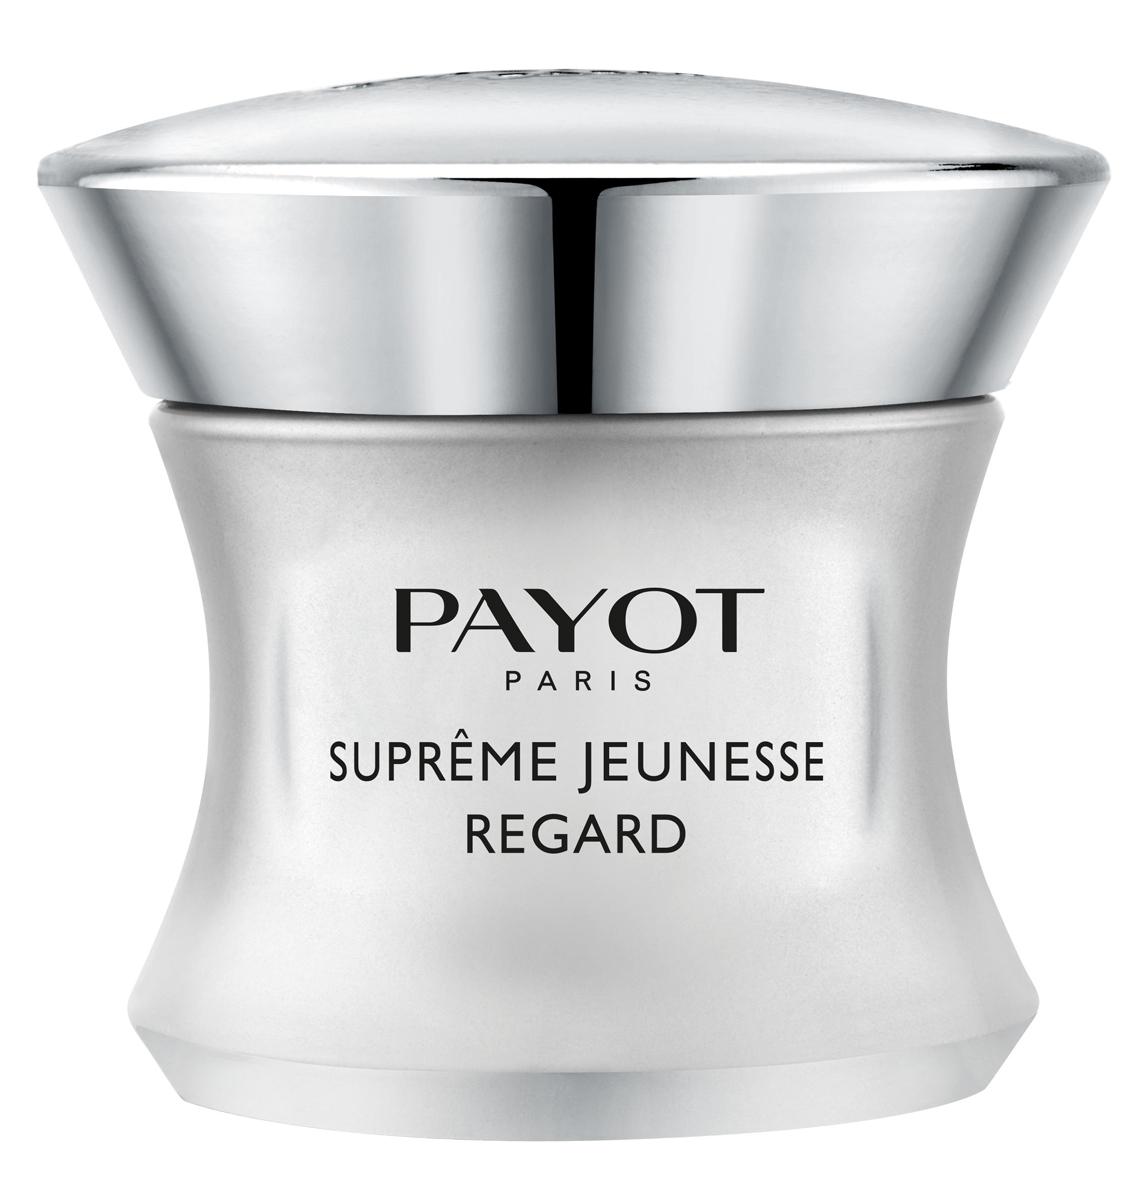 Payot Supreme Jeunesse Крем для глаз с непревзойденным омолаживающим эффектом,, 15 мл ahava time to hydrate нежный крем для глаз 15 мл